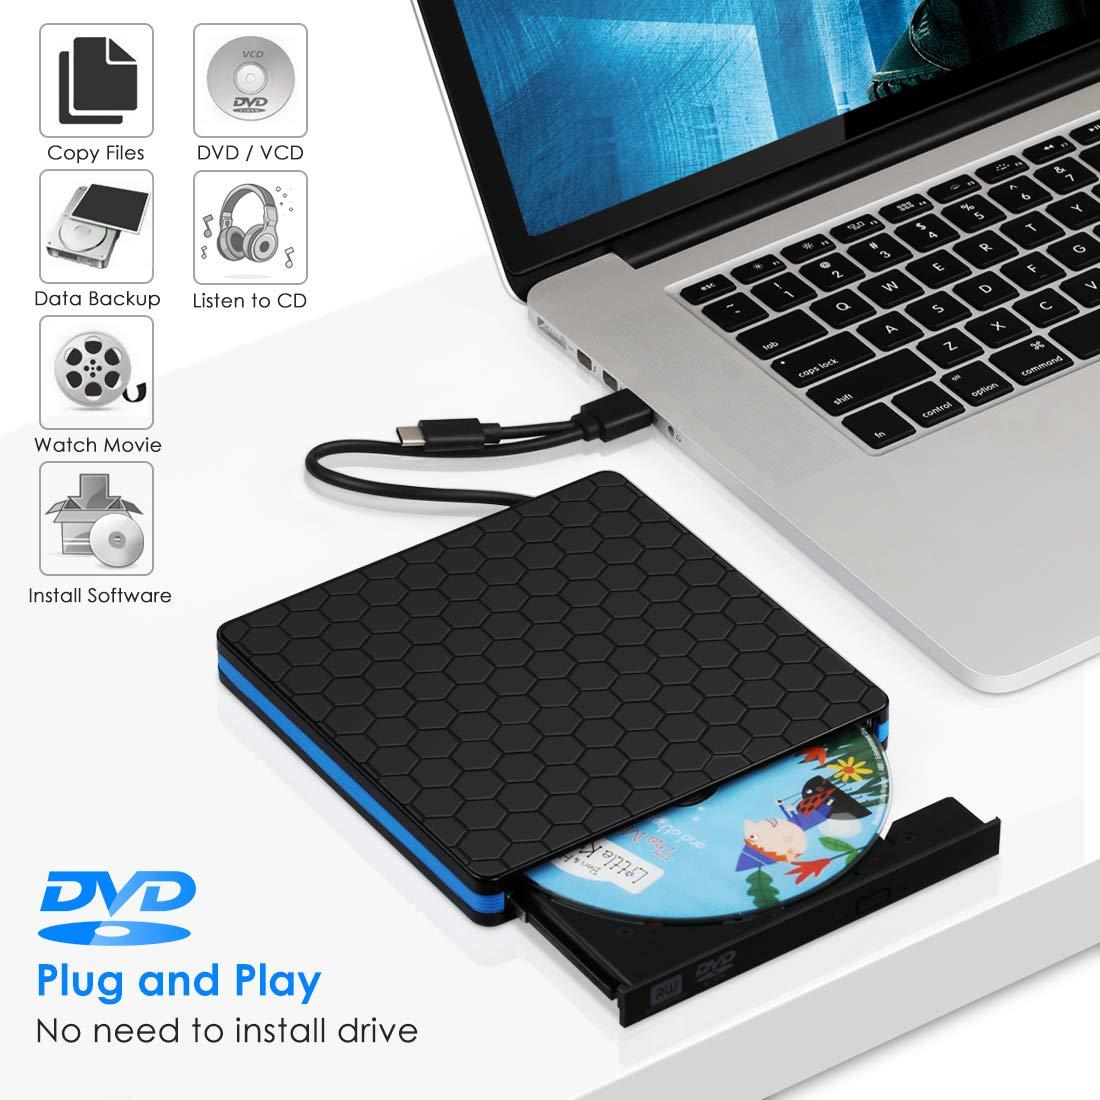 Superpow Grabadora CD/DVD Externa USB 3.0 con Interfaz Tipo-C, Lector Reproductor CD/DVD Externo para Windows XP/7/8/10/Vista/Linux/MacBook/Mac OS (Negro): ...